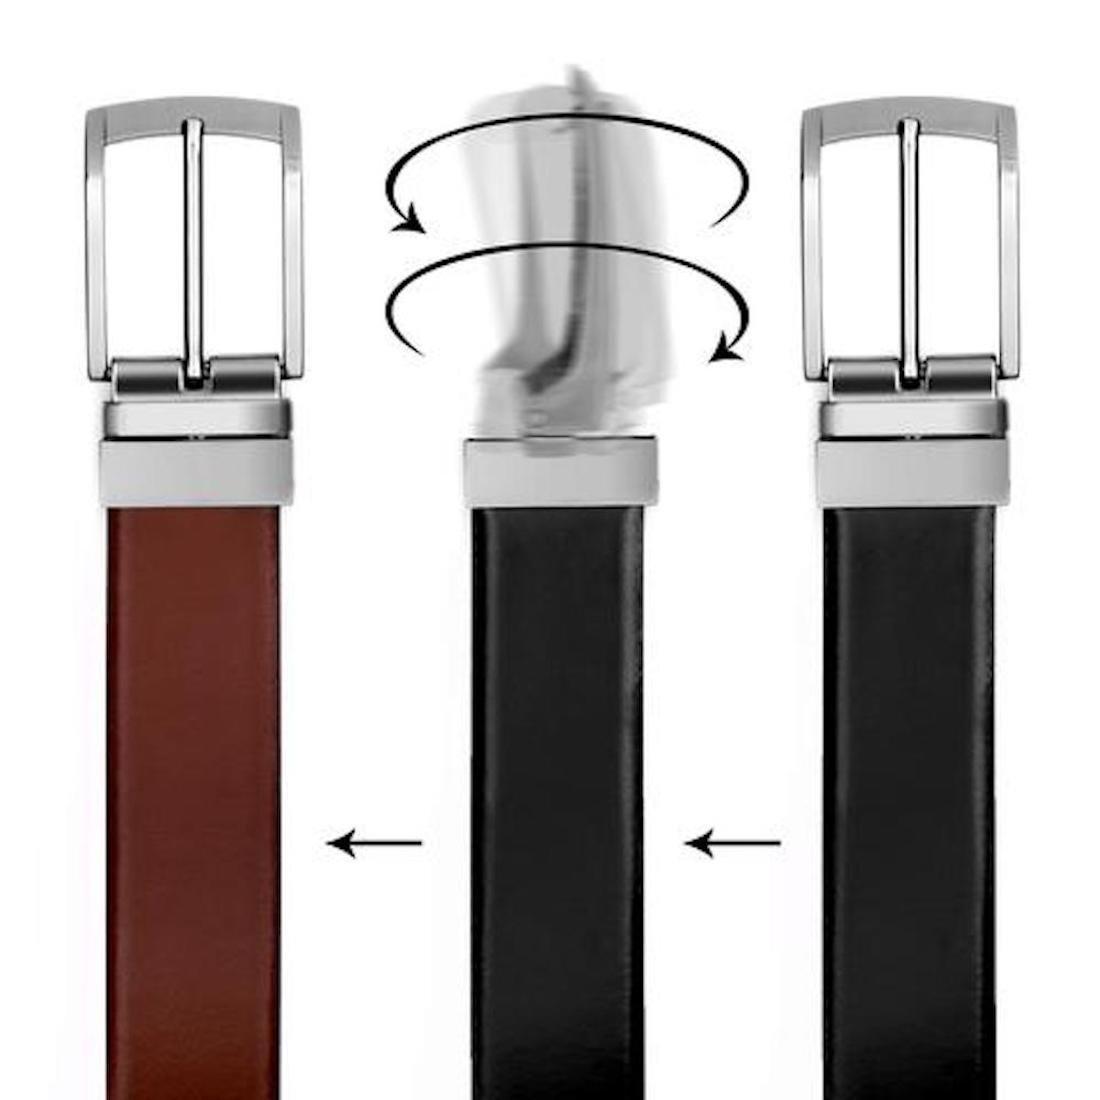 VALERIO Cinturón Casual Formal Reversible en Marrón y Negro para Hombres (DOS EN UNO) de Genuino Completo Cuero Natural con Hebilla Giratoria